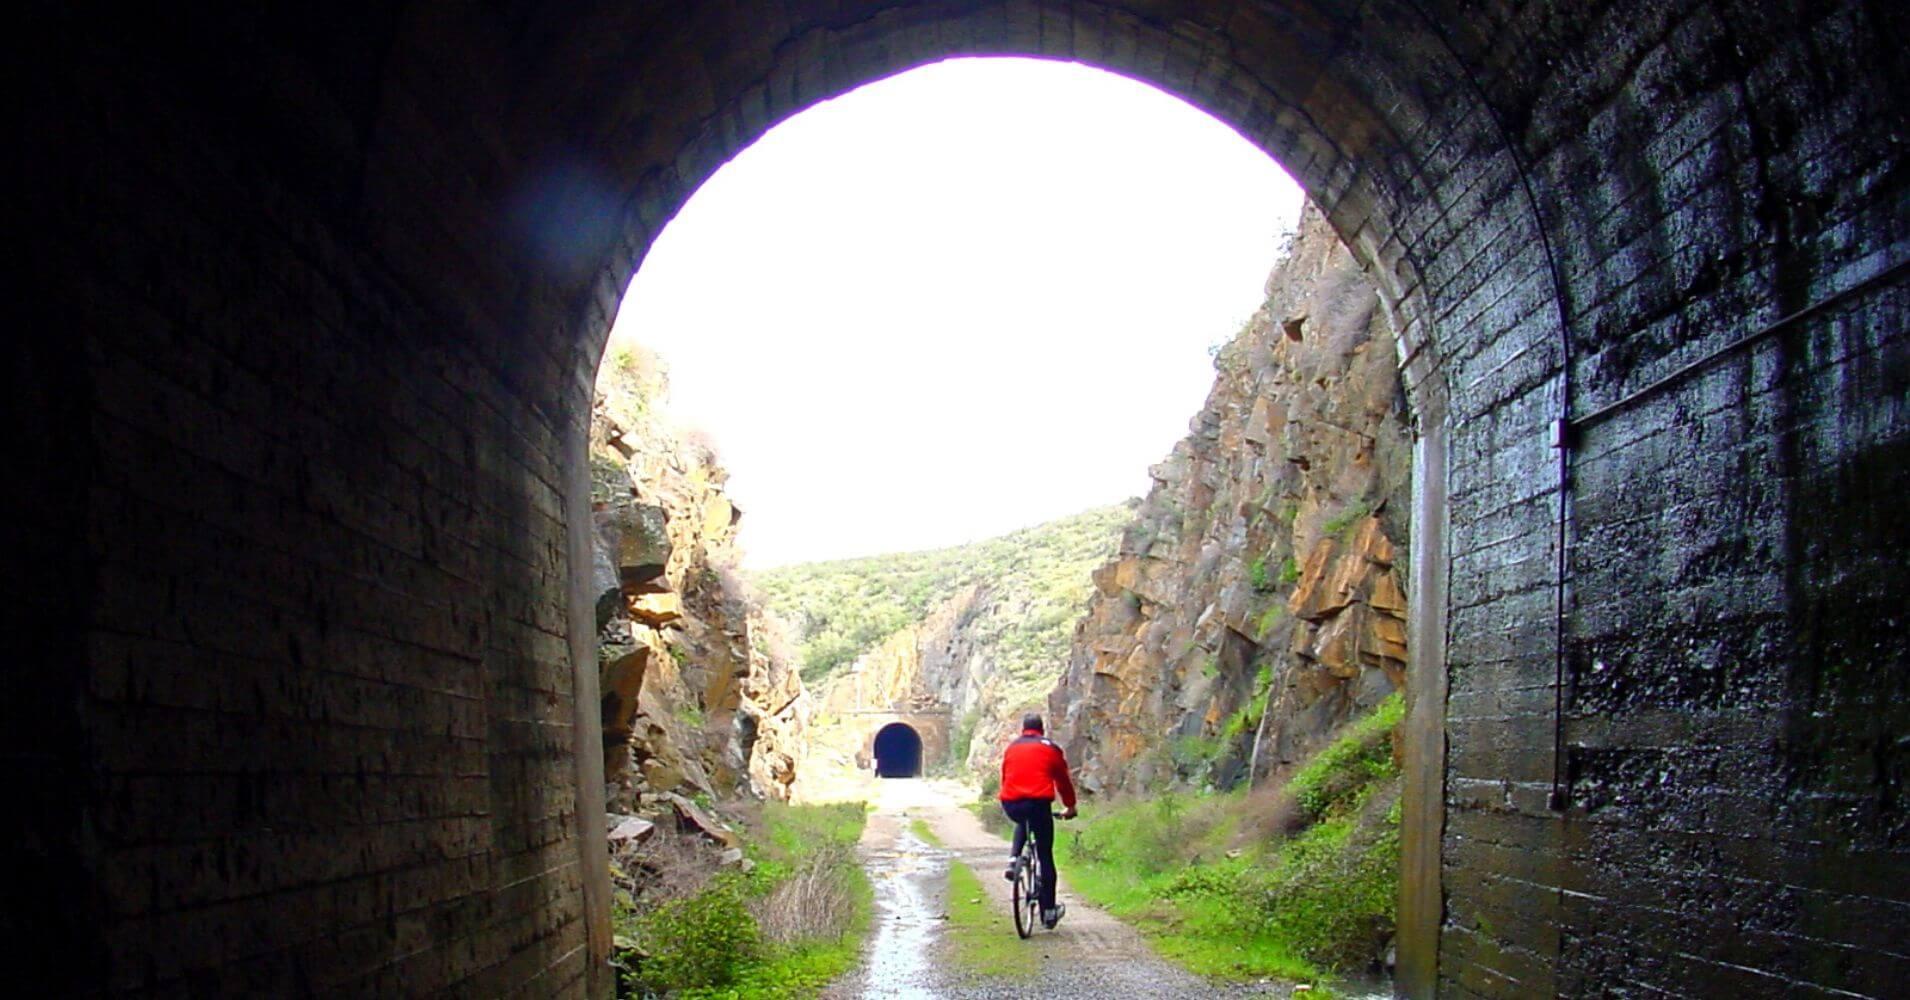 Túneles Estación de Campillo Sevilleja, Vía Verde de la Jara. Toledo. Castilla la Mancha.